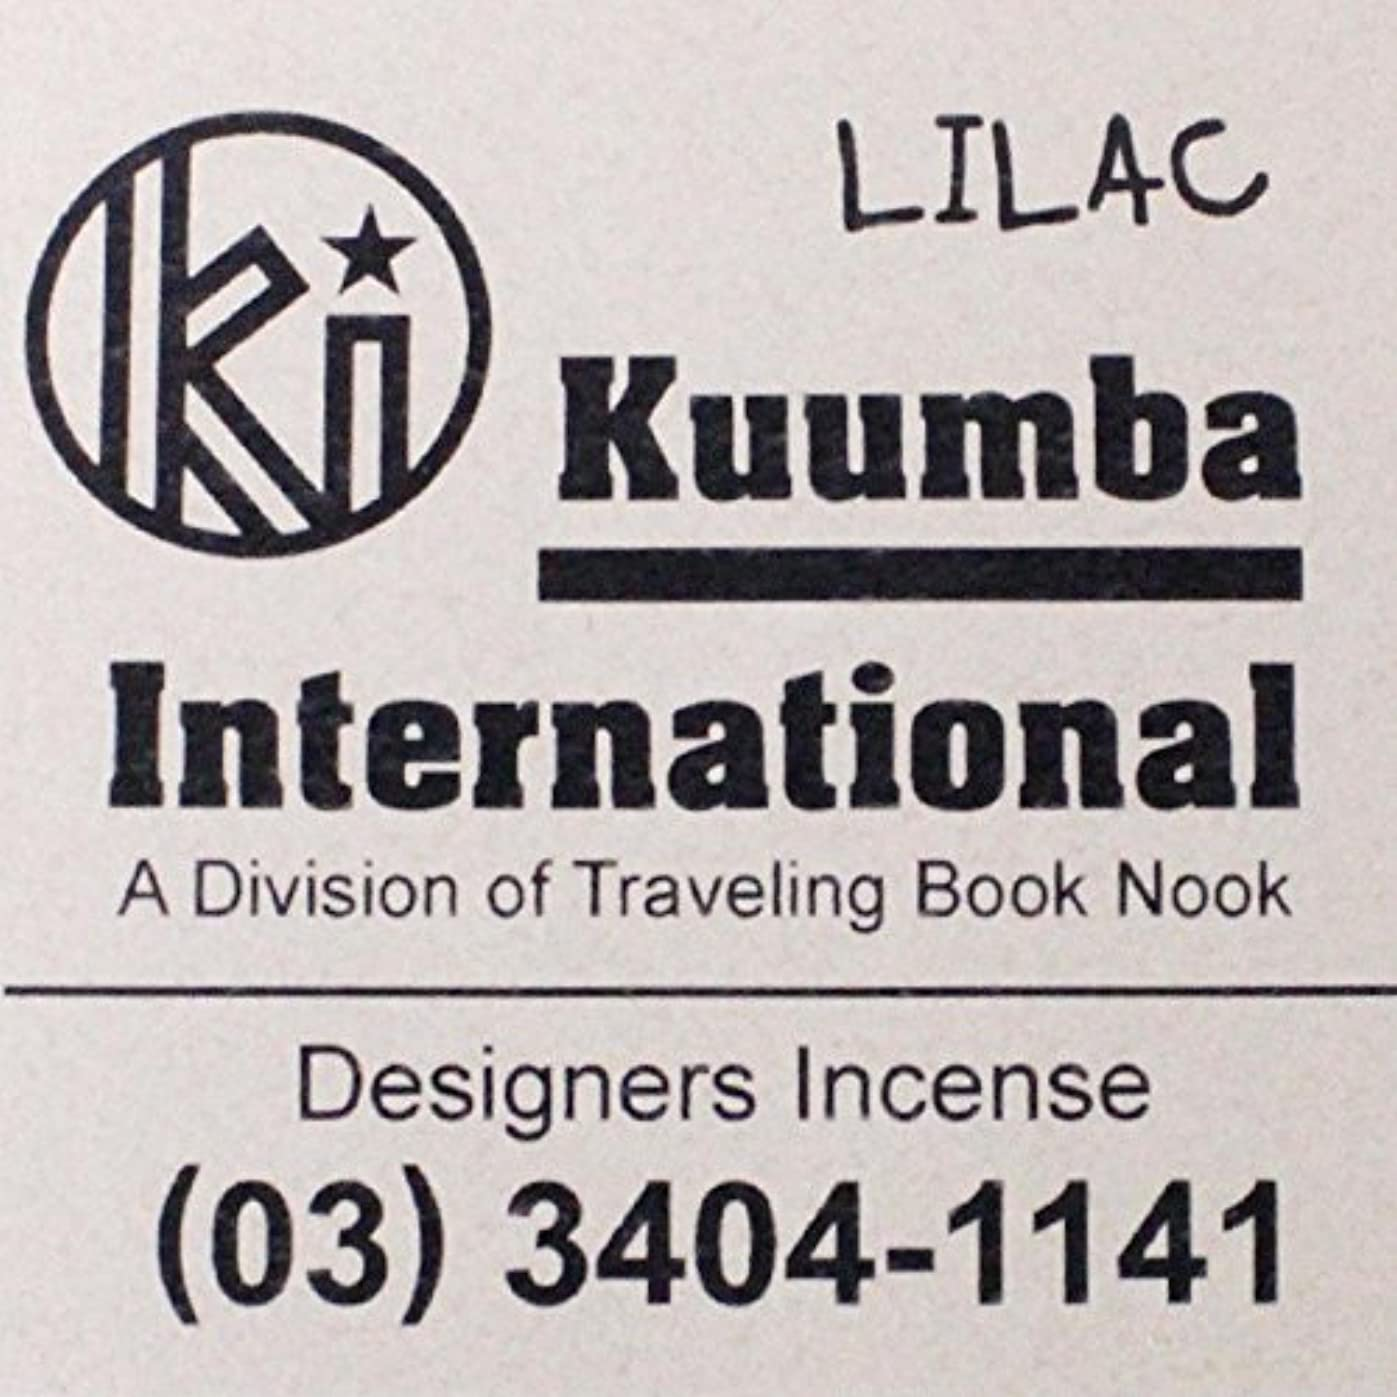 触手本土時代遅れ(クンバ) KUUMBA『incense』(LILAC) (Regular size)